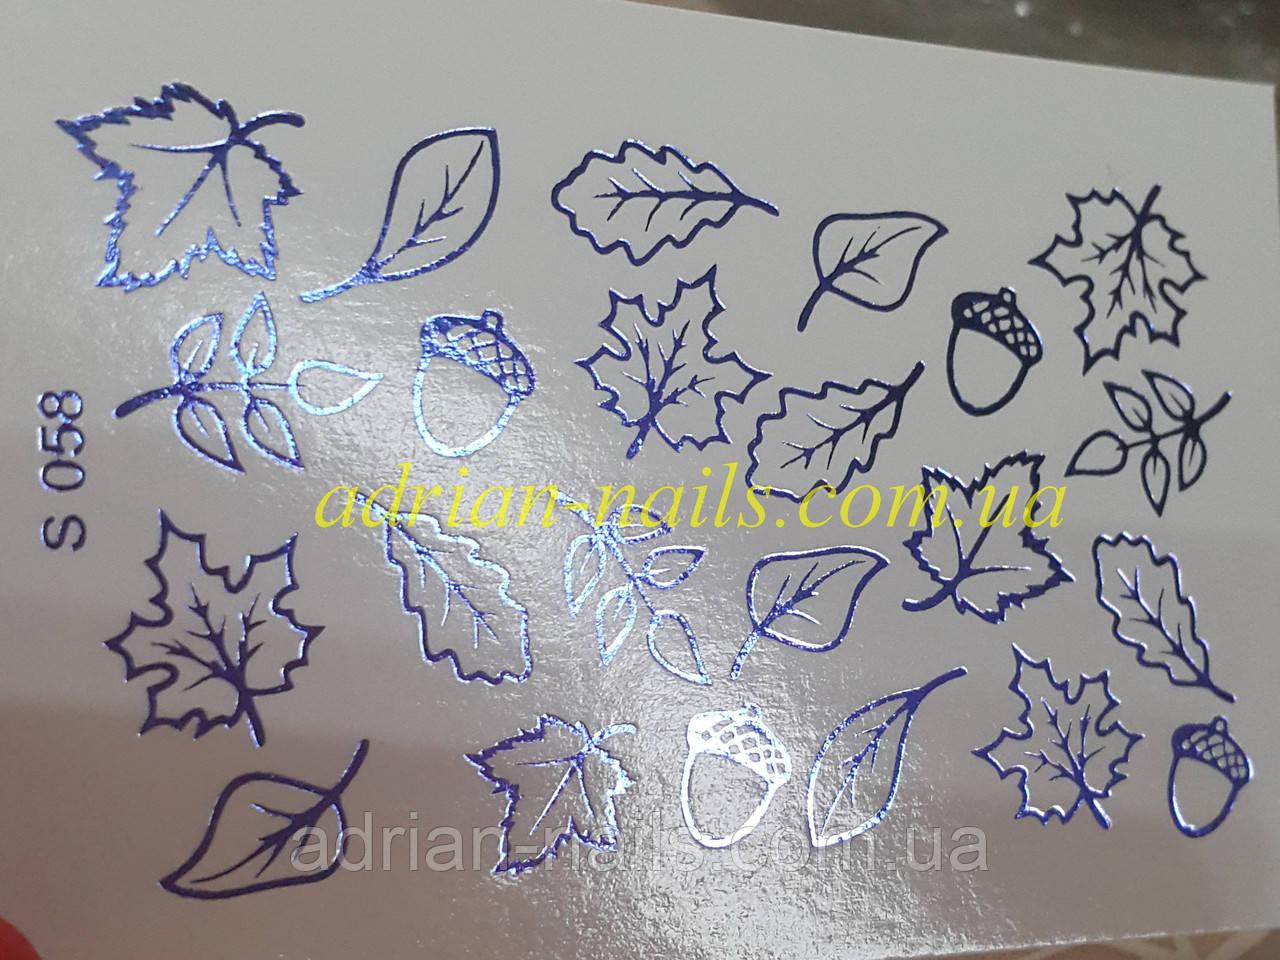 Фольгированный слайдер дизайн №73-синие